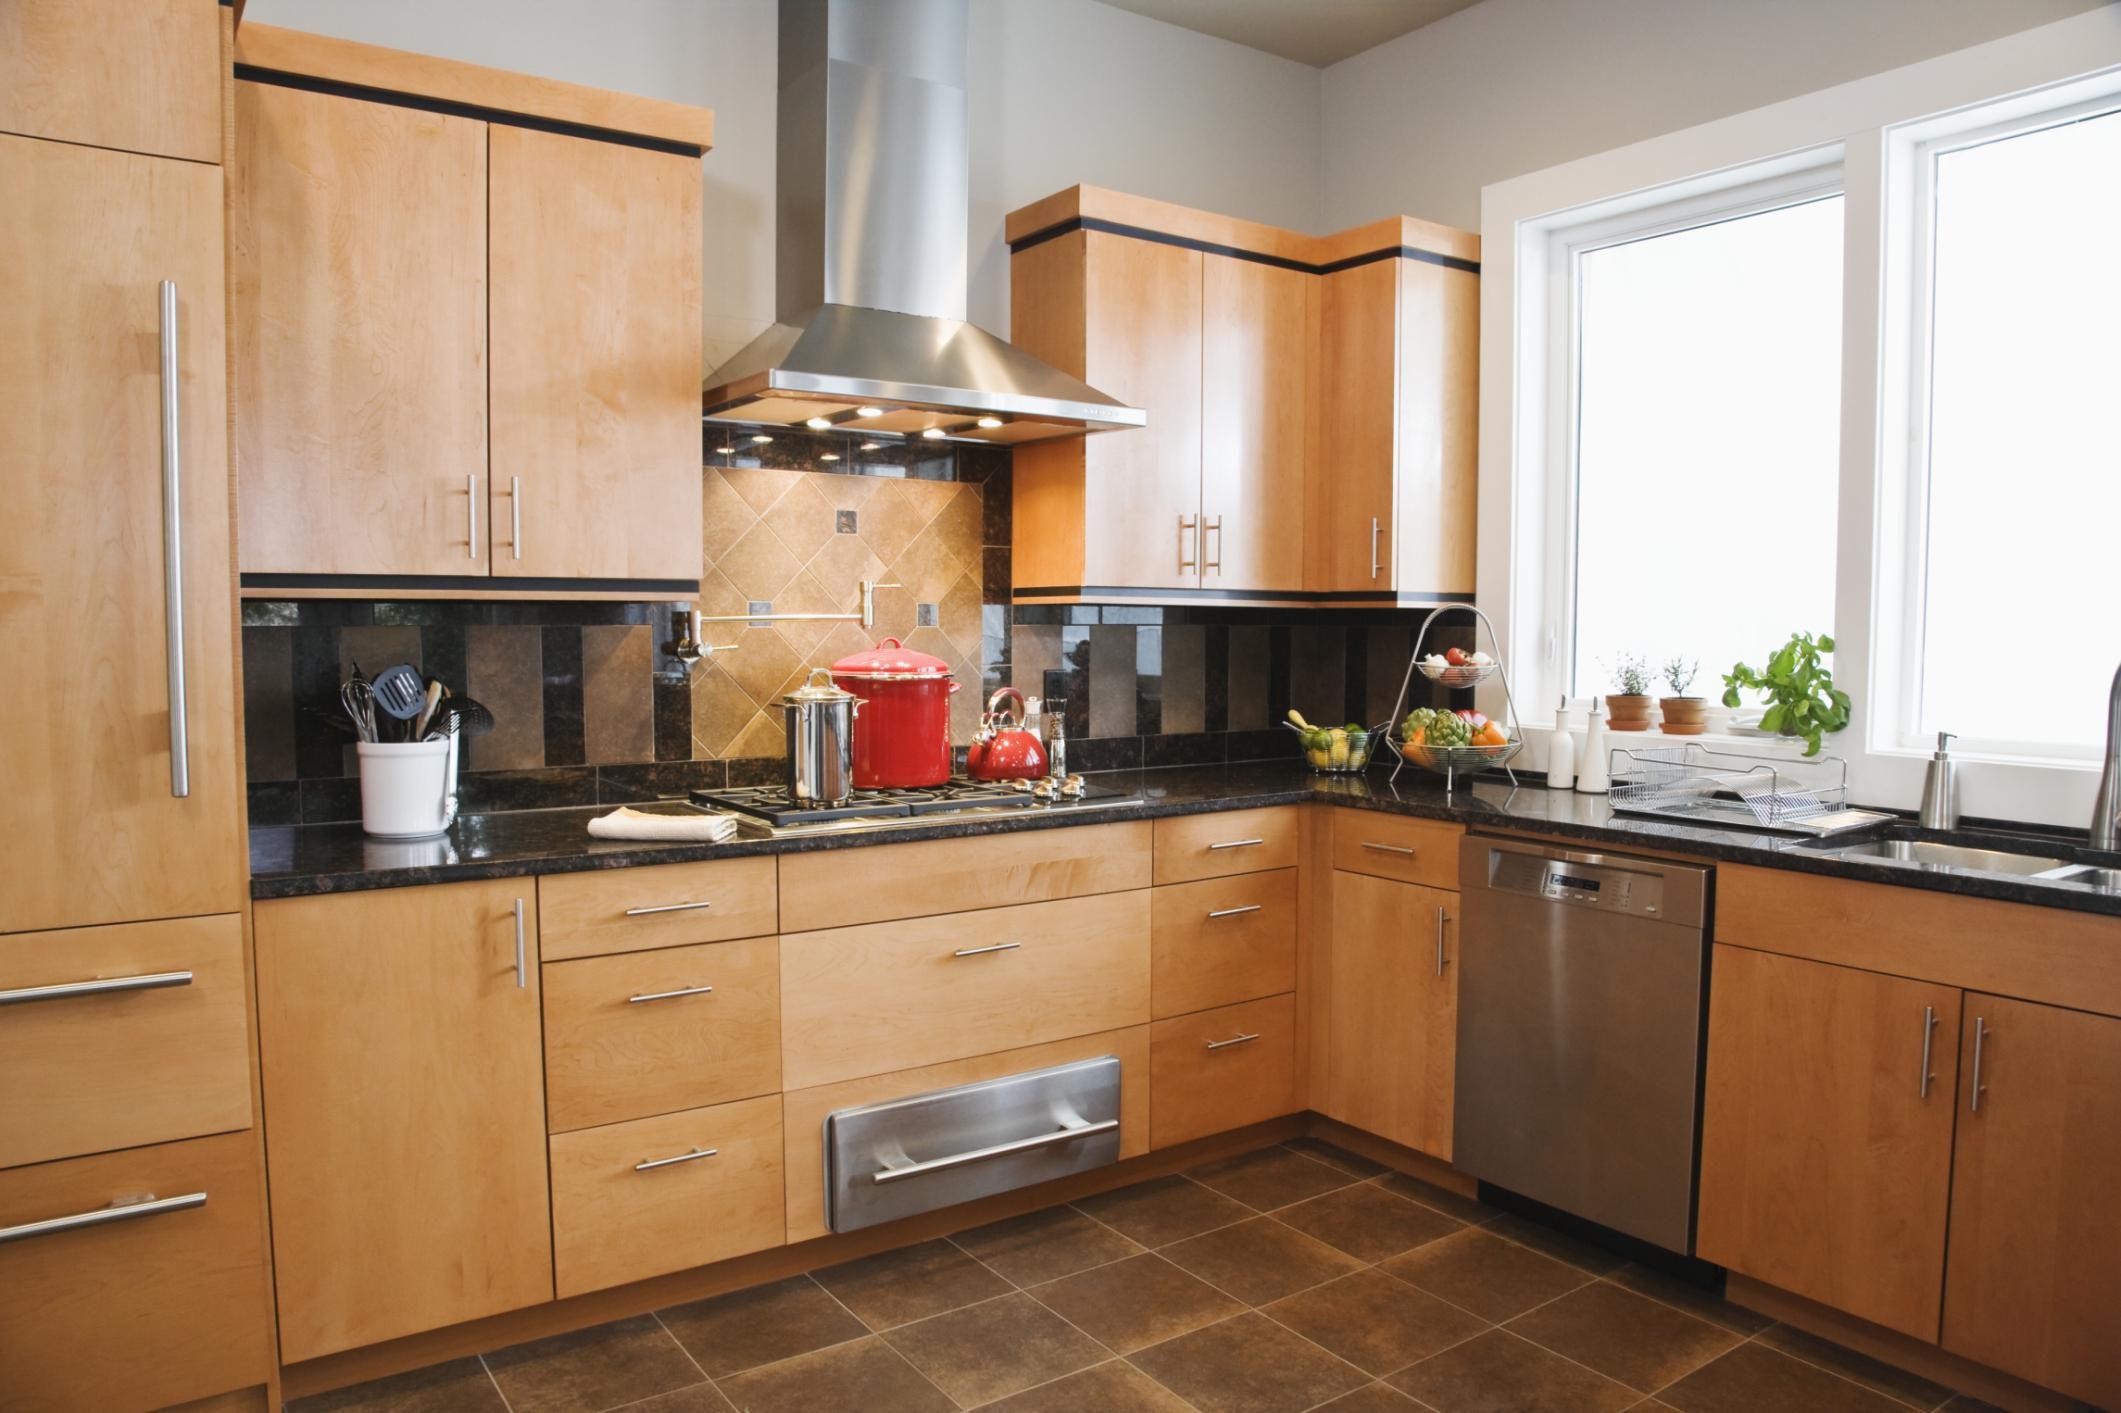 Optimal Kitchen Upper Cabinet Height